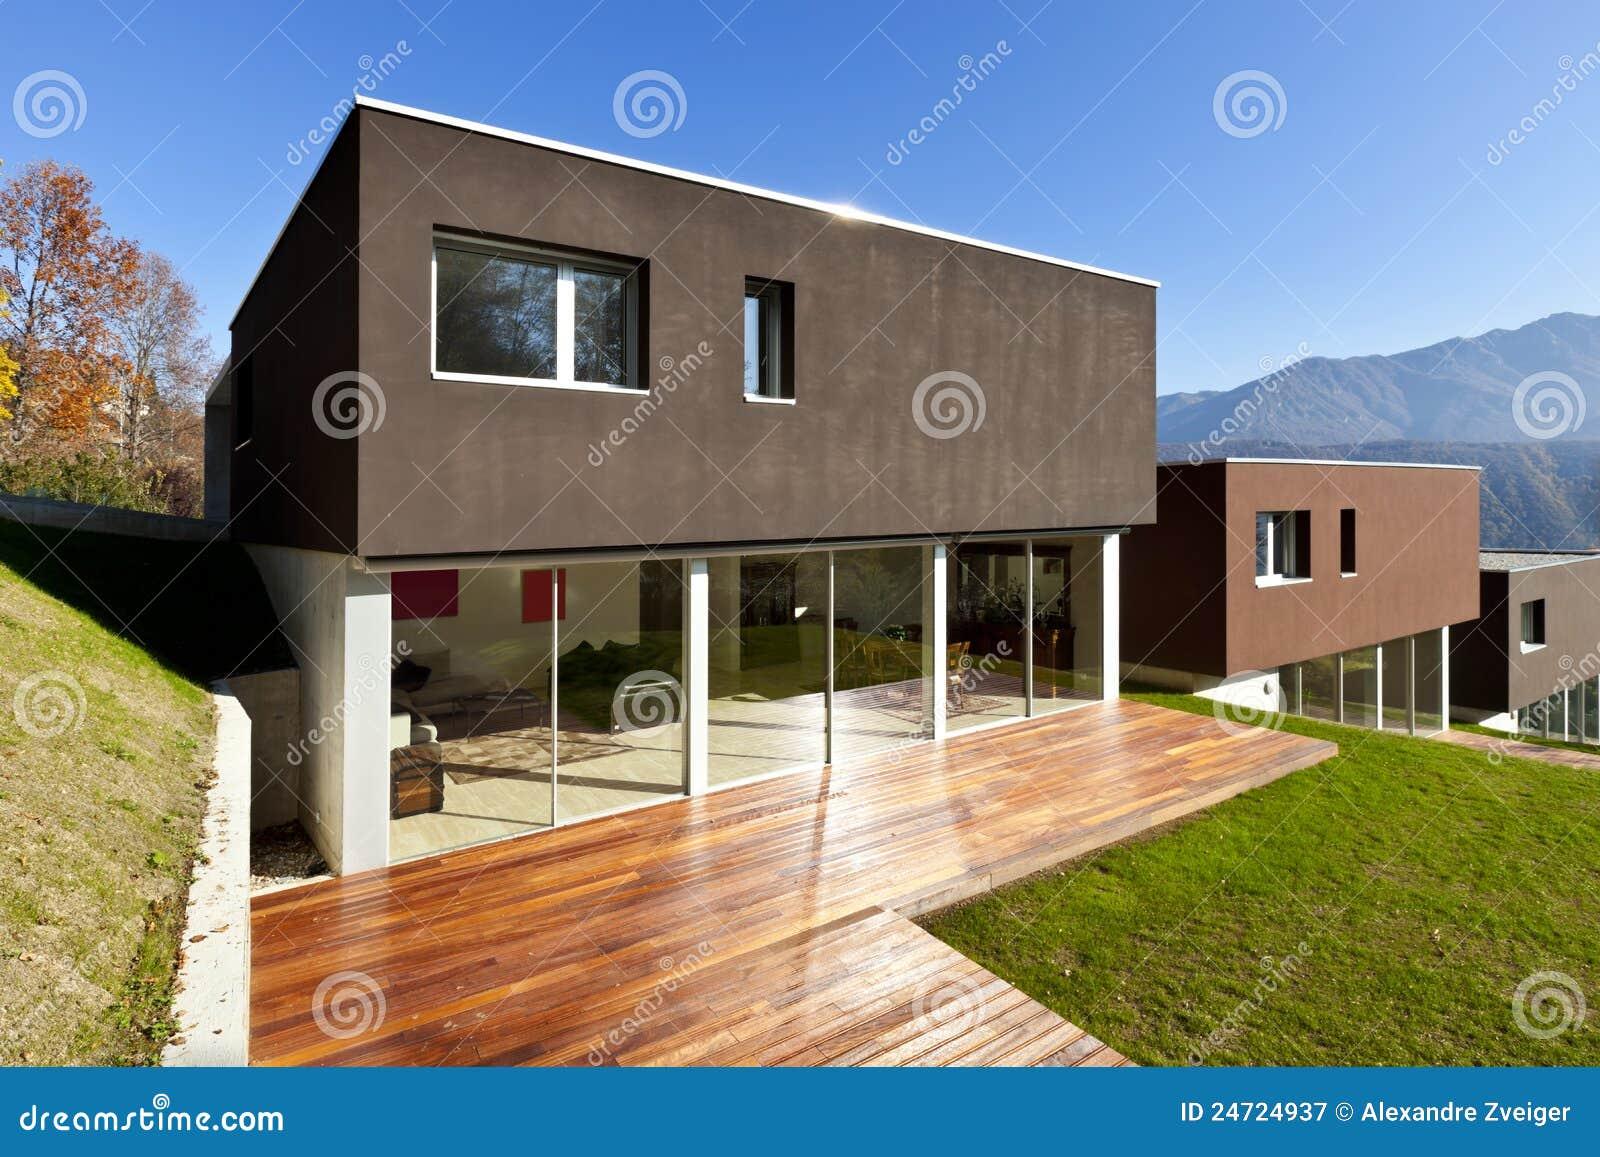 Casa moderna patio immagine stock immagine di patio for Casa moderna esterno